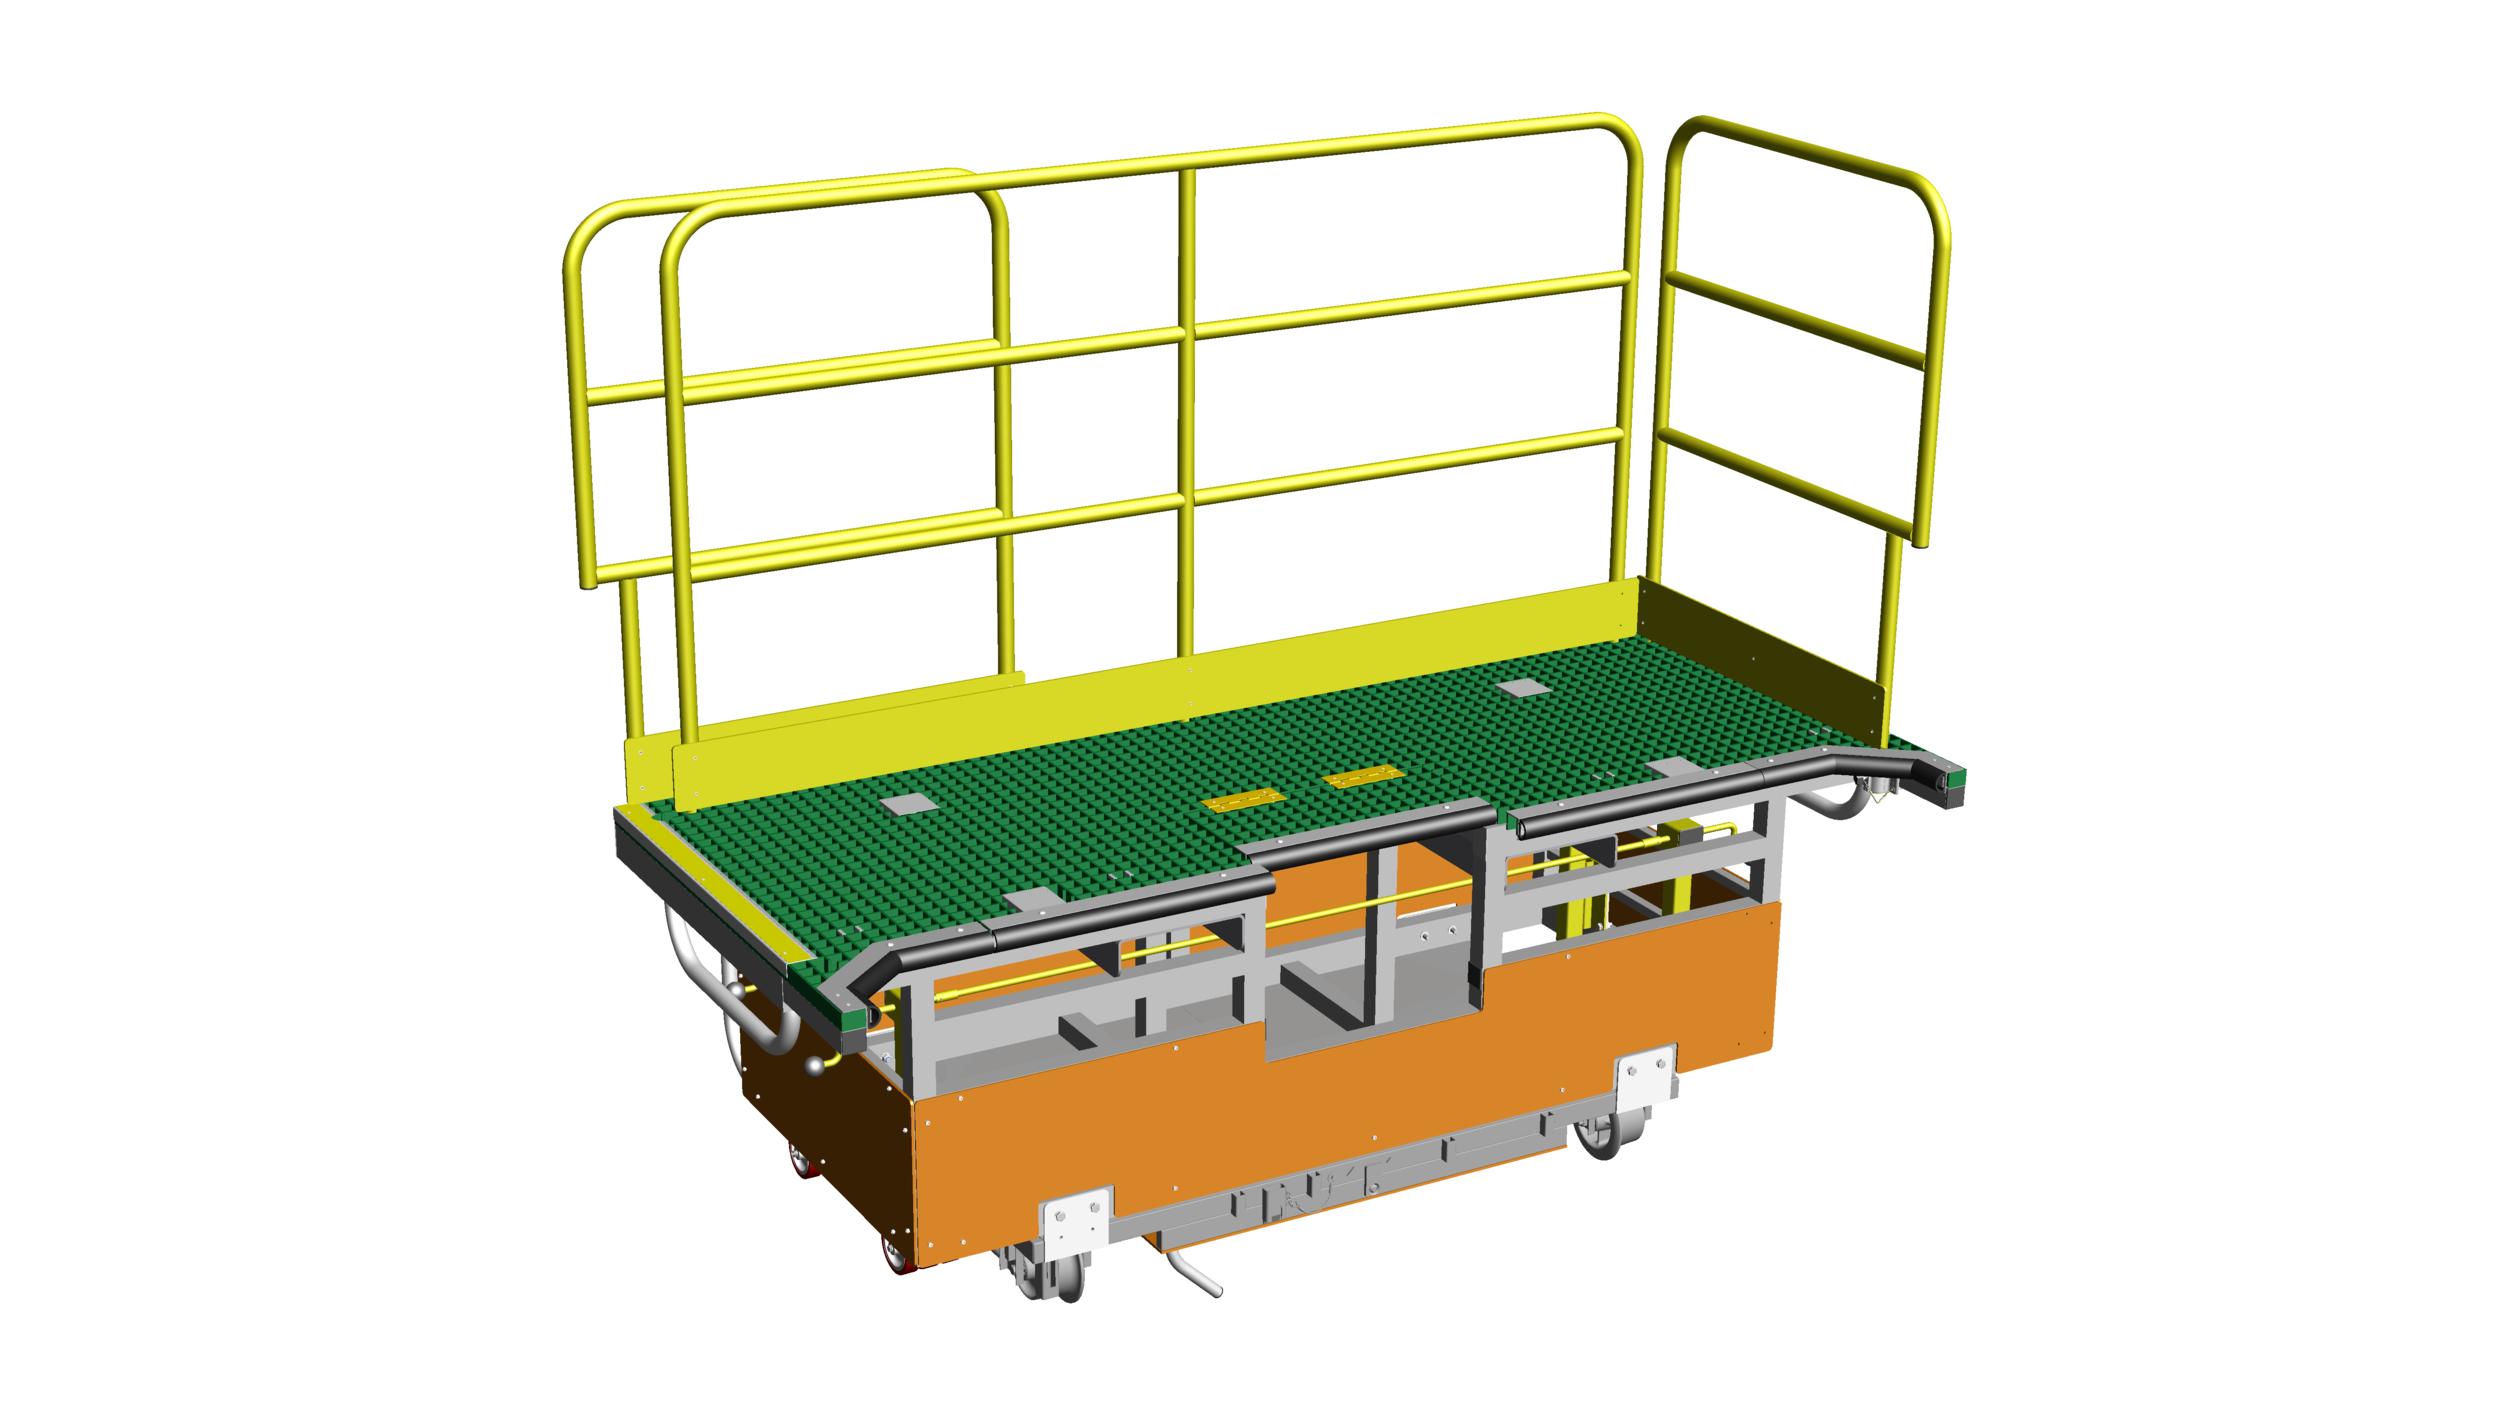 14. Rail mounted platform